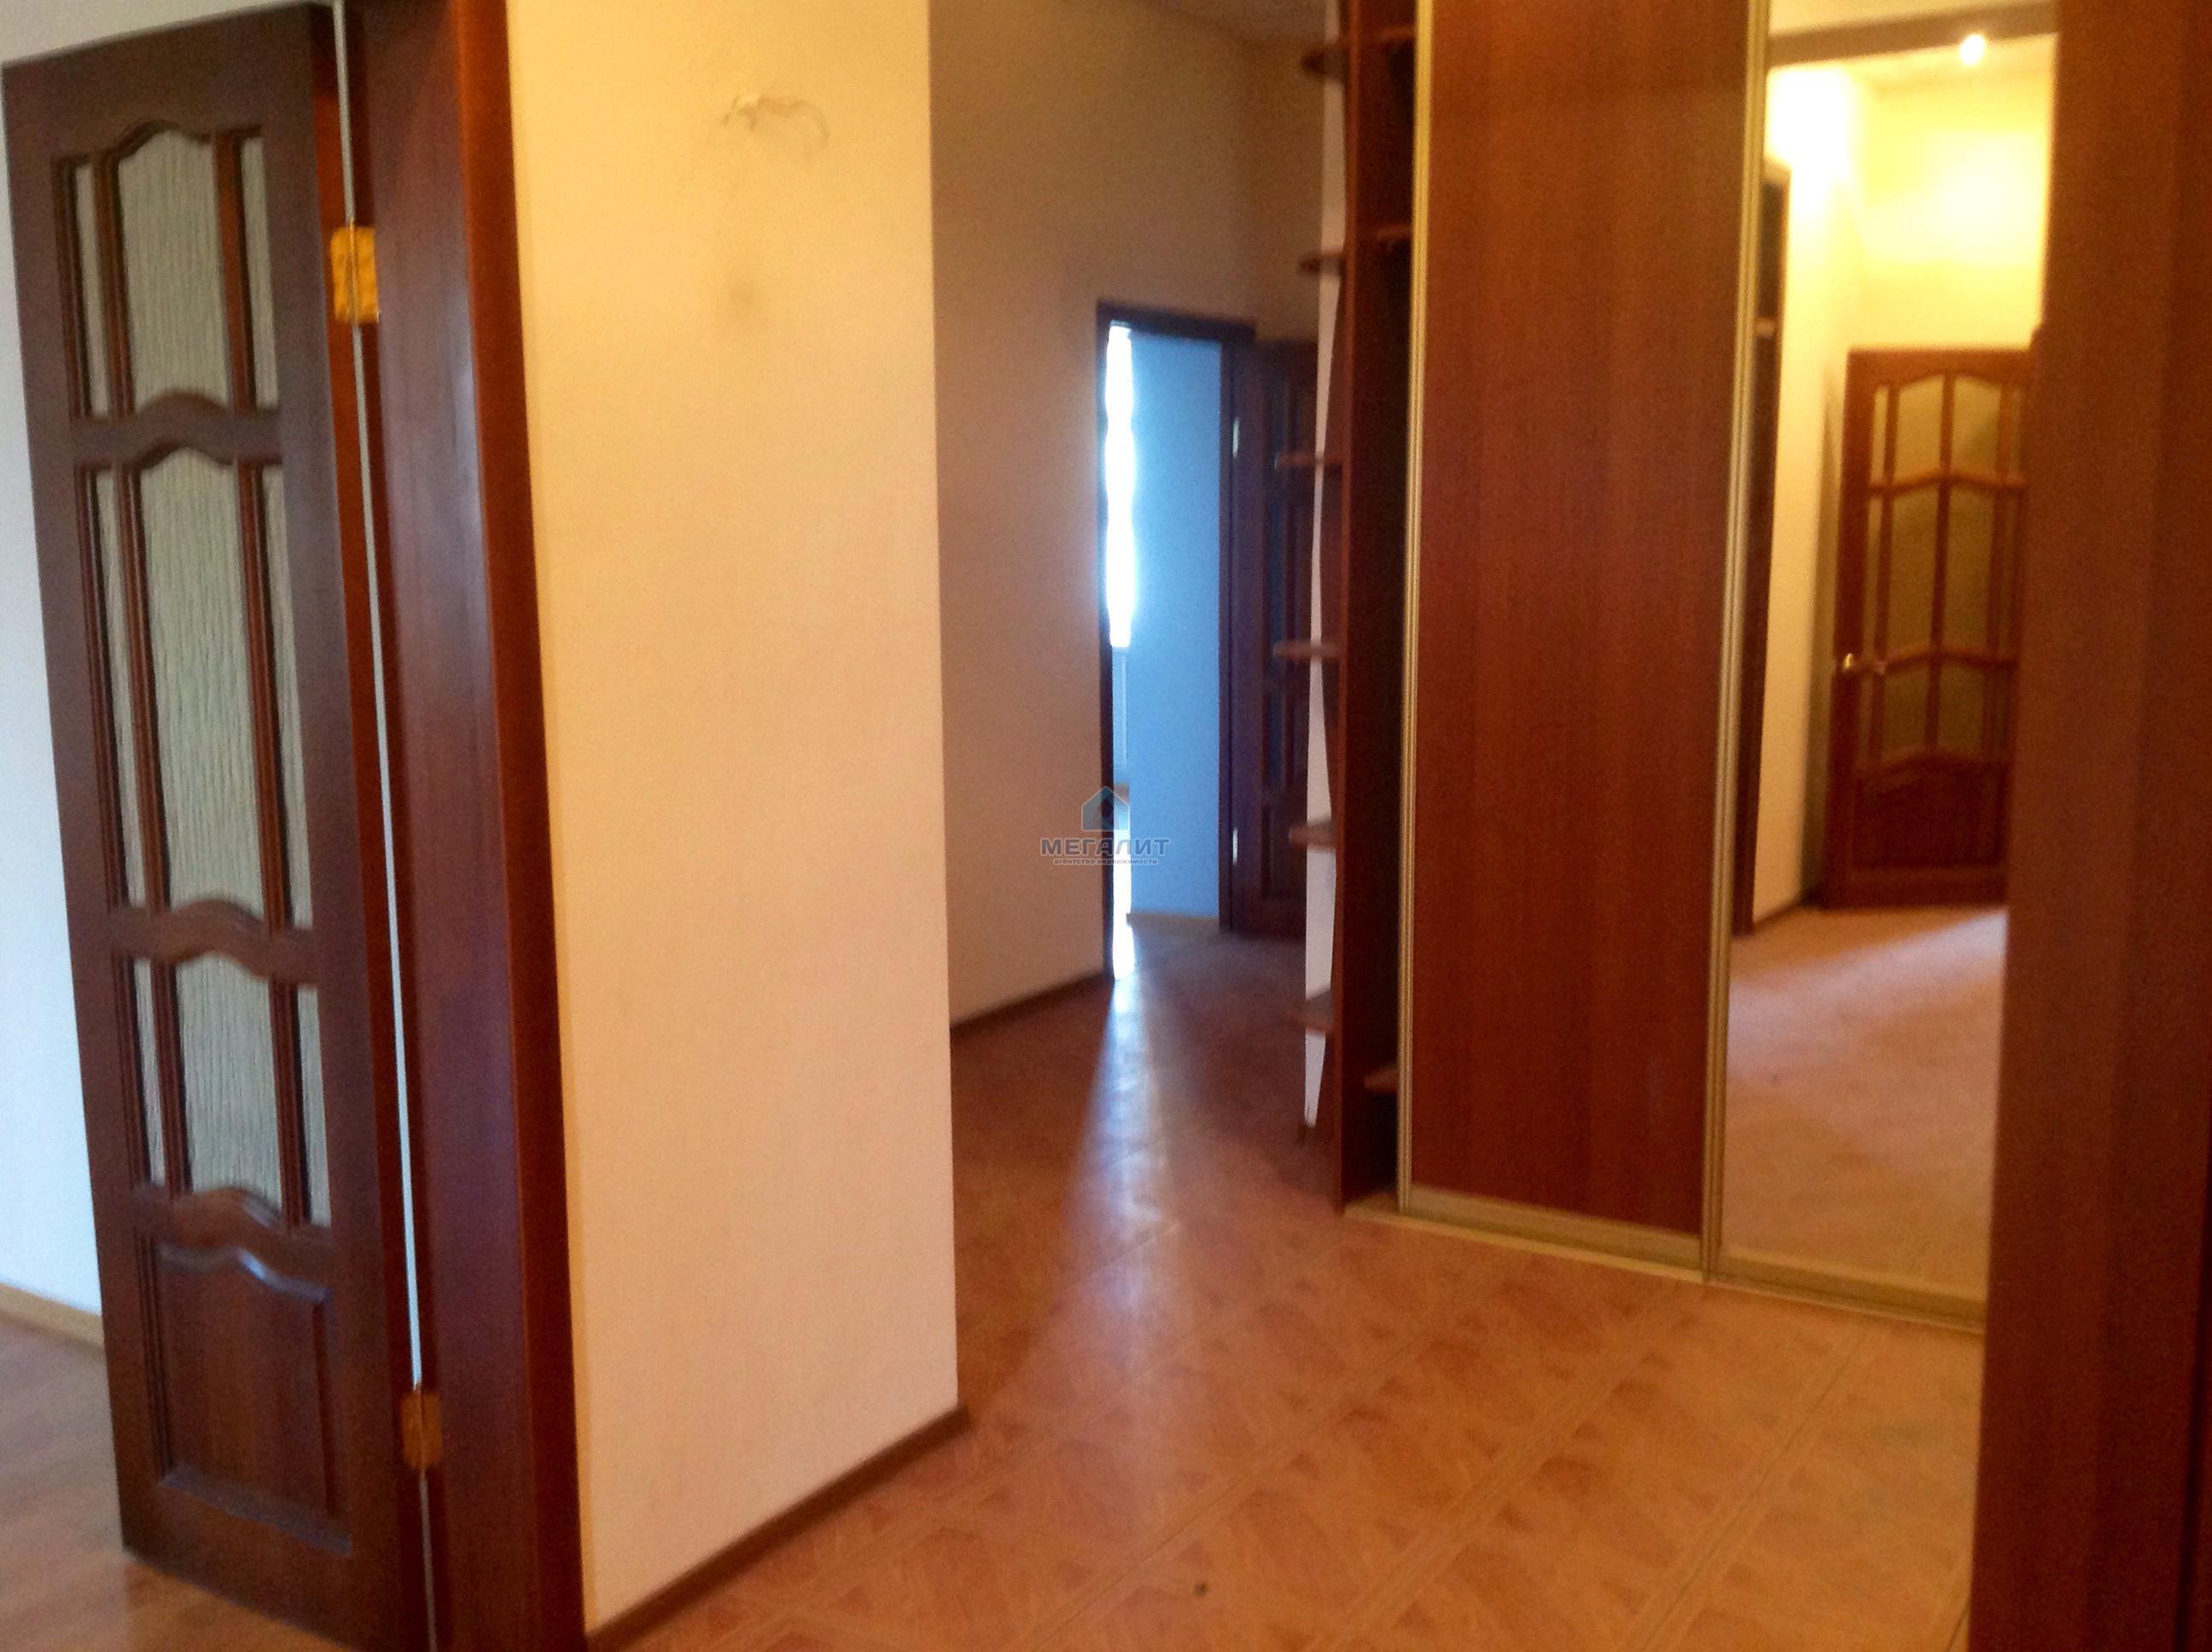 Продажа 3-к квартиры Гоголя 27а, 119 м²  (миниатюра №7)